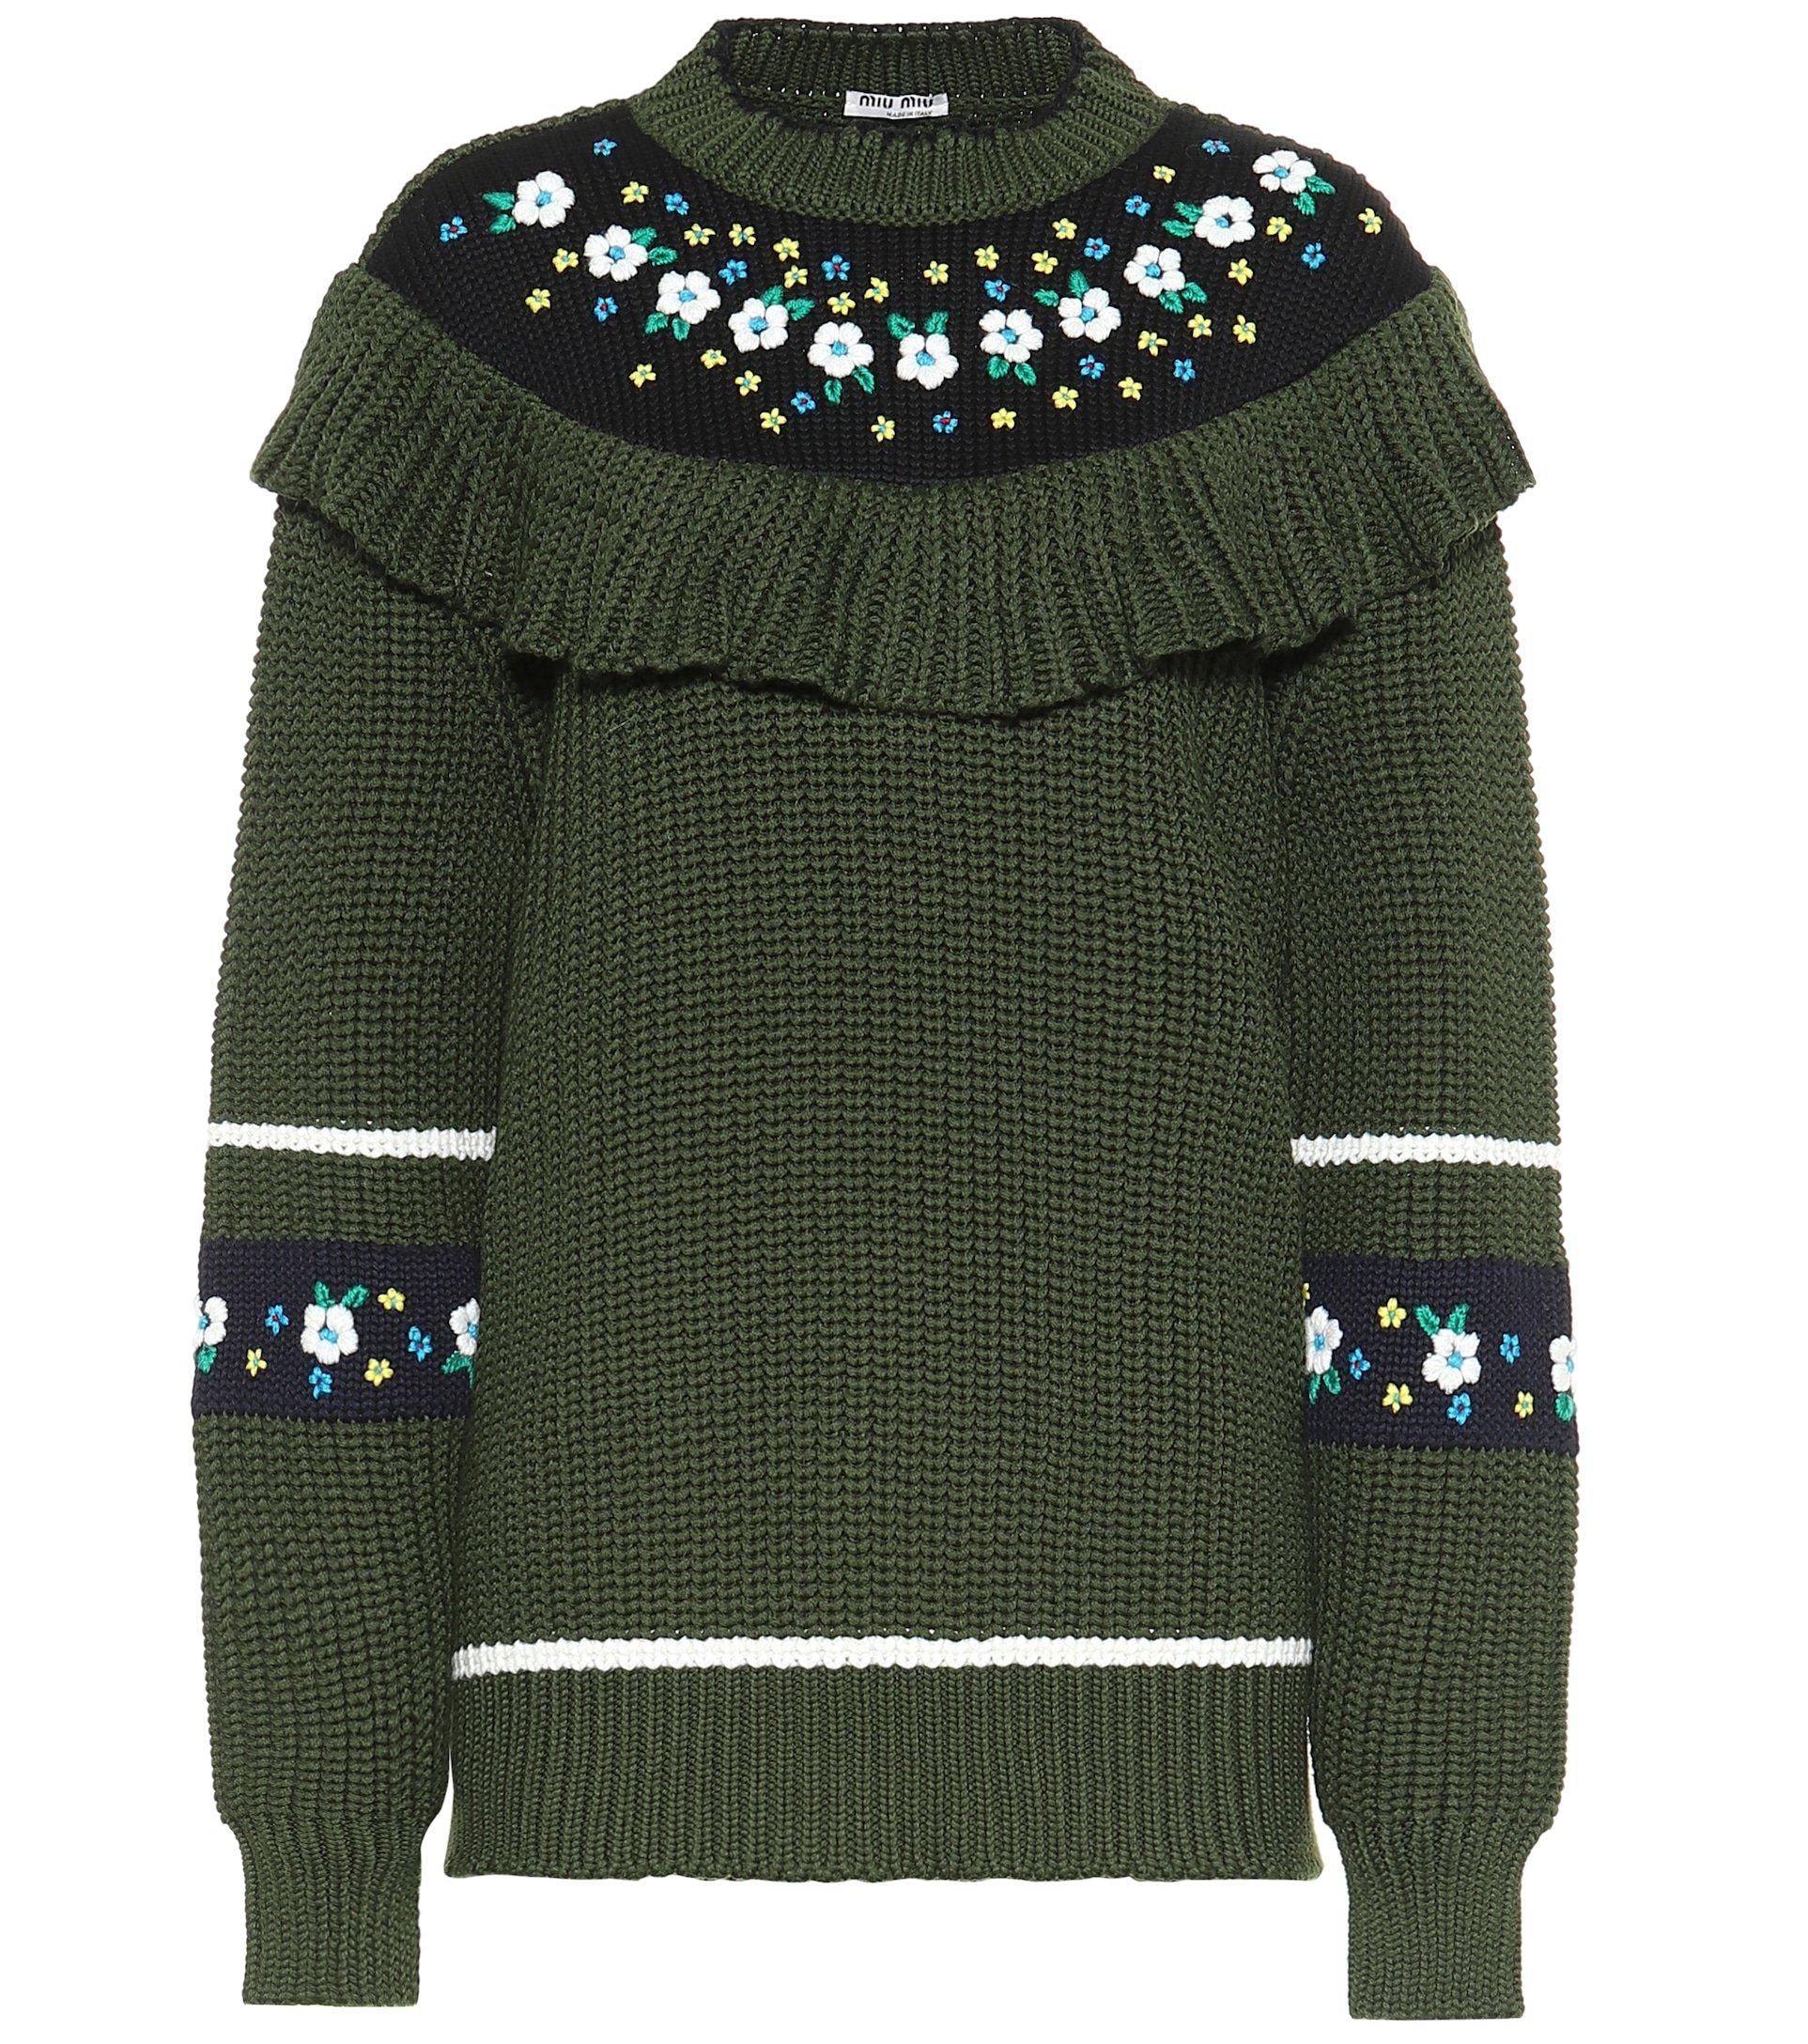 Ruffled Virgin Wool Sweater - Miu Miu | Mytheresa